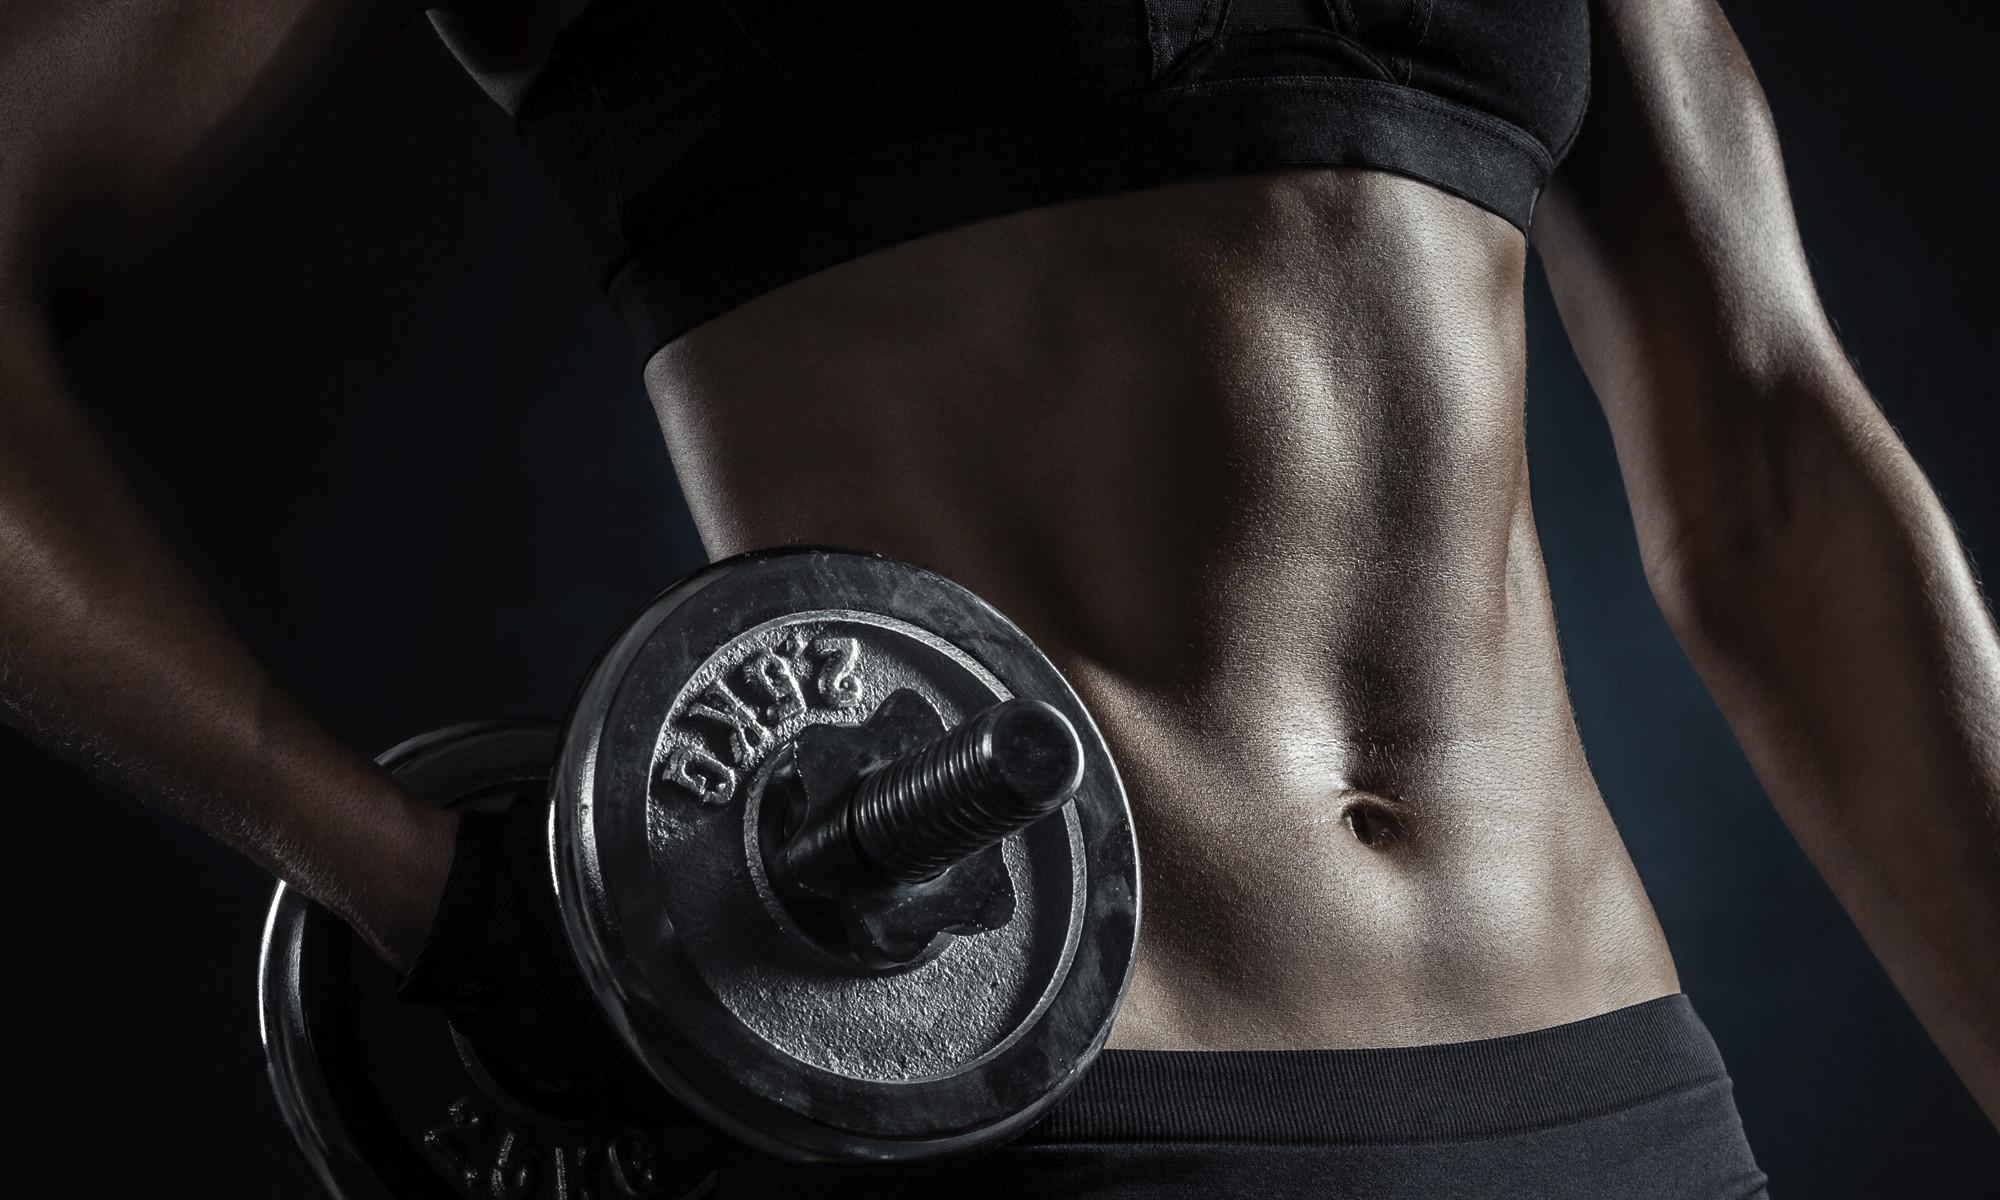 Sport Motivation Wallpaper Hd: HD Workout Wallpaper (74+ Images